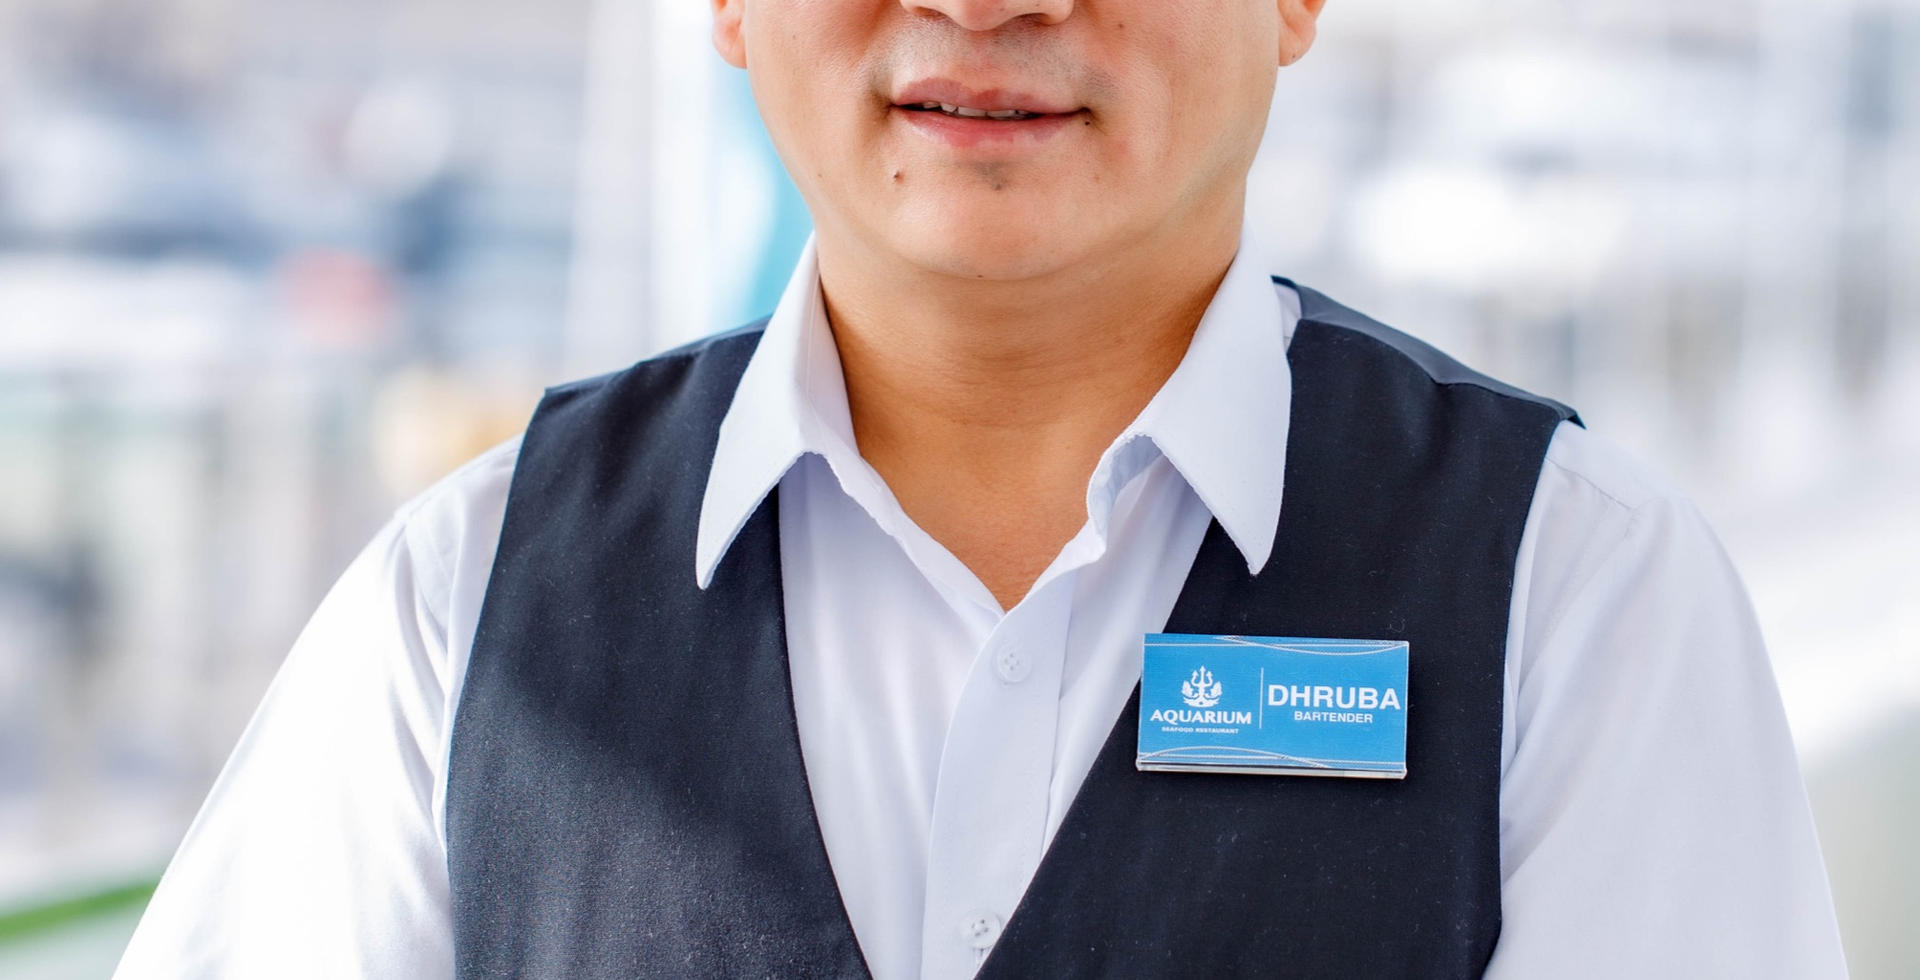 Dhruba Kumar Gurung